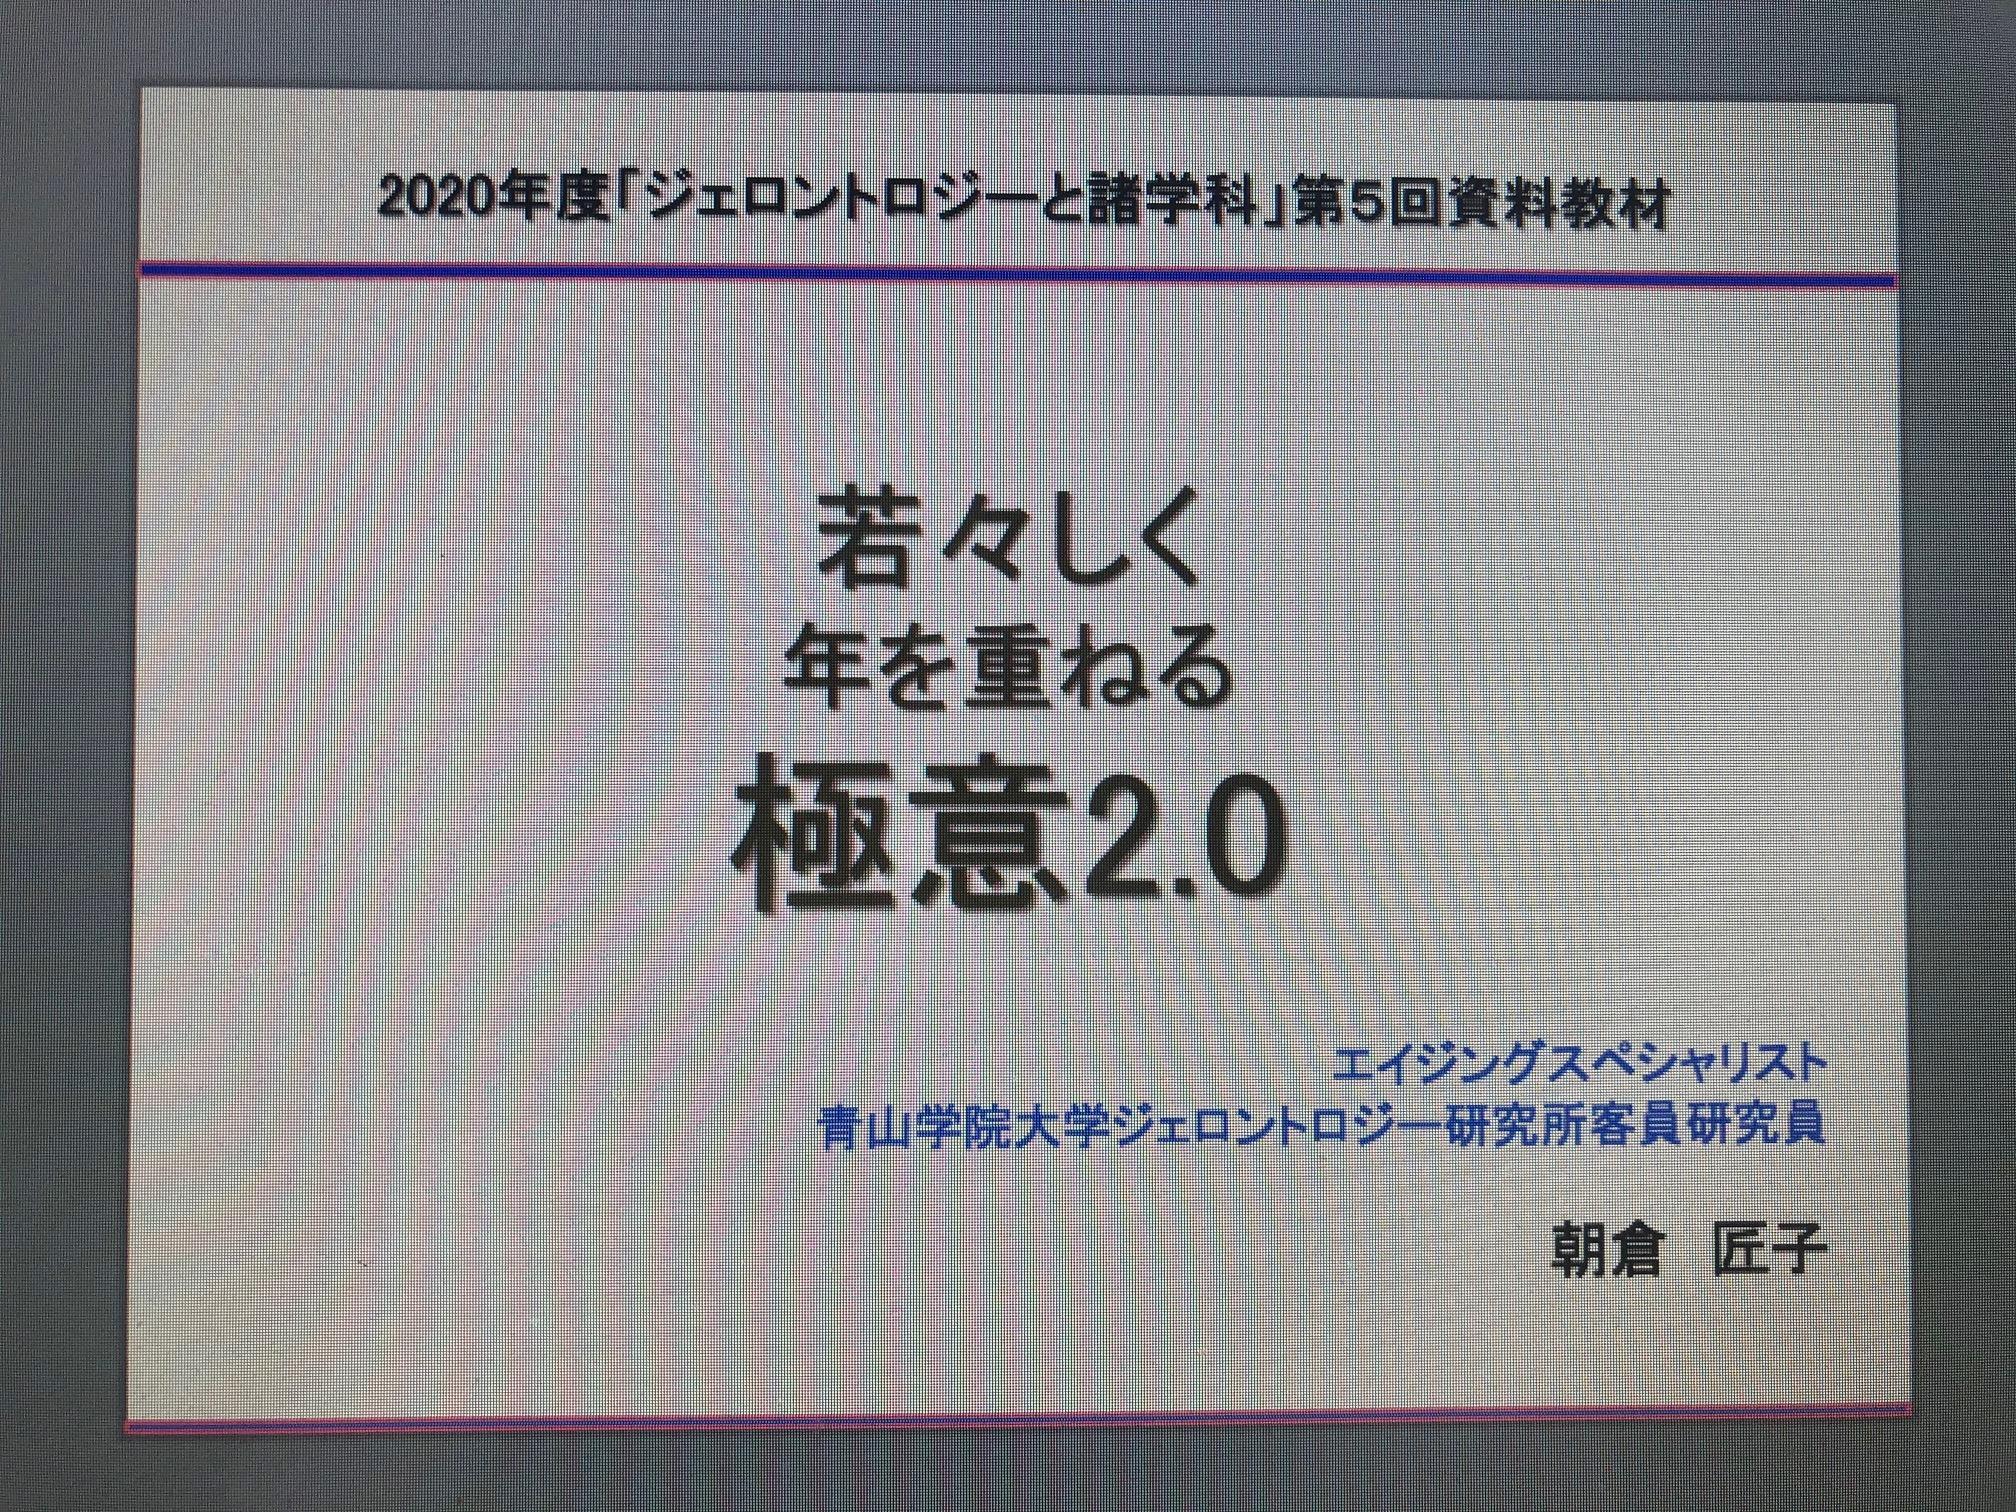 朝倉さん アクティブエイジング1